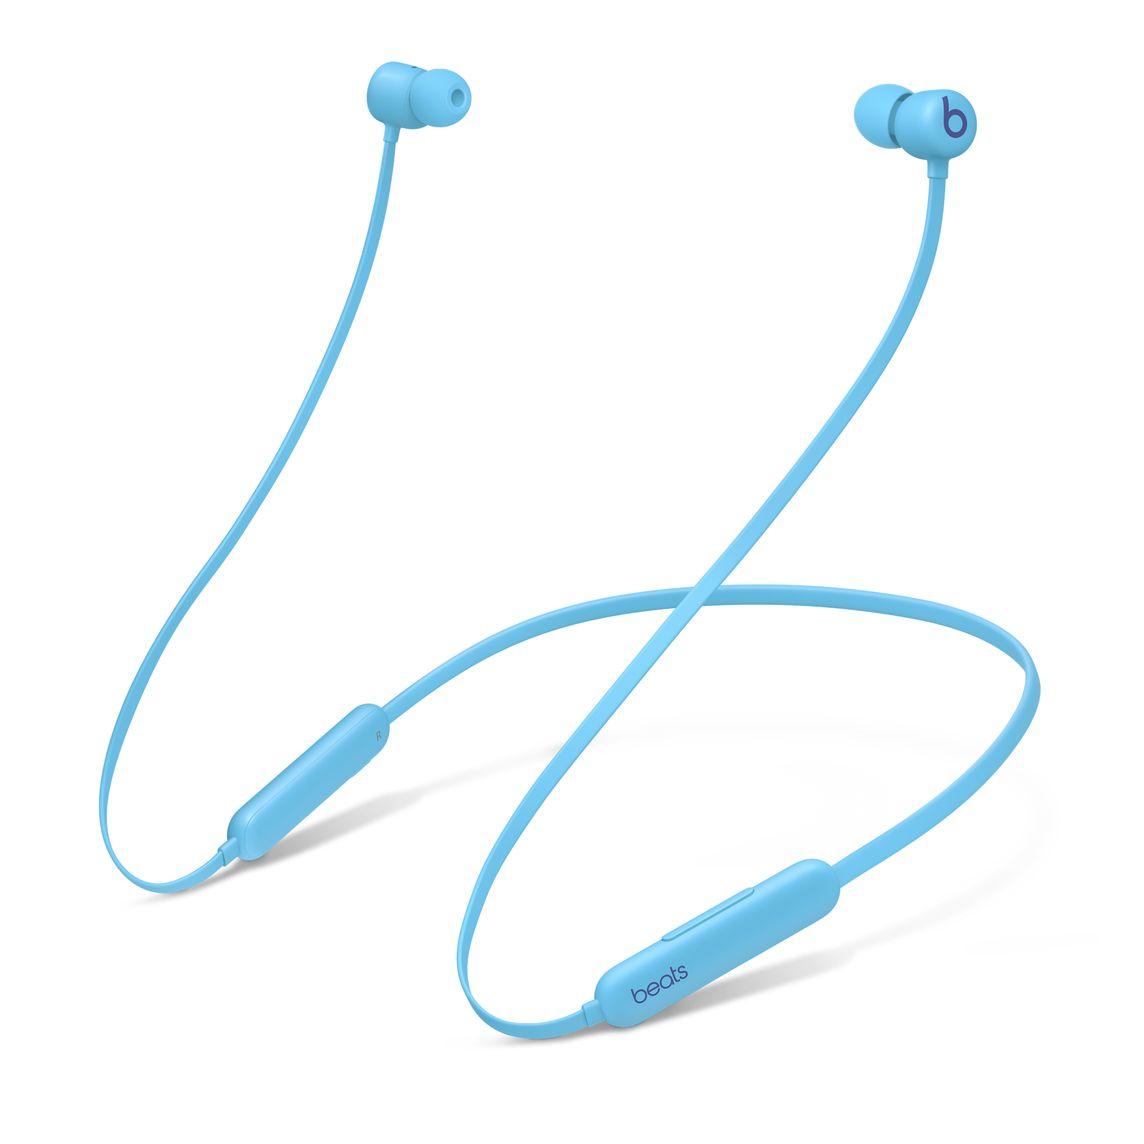 - Audifono In Ear Wireless Flex Beats / Azul 8